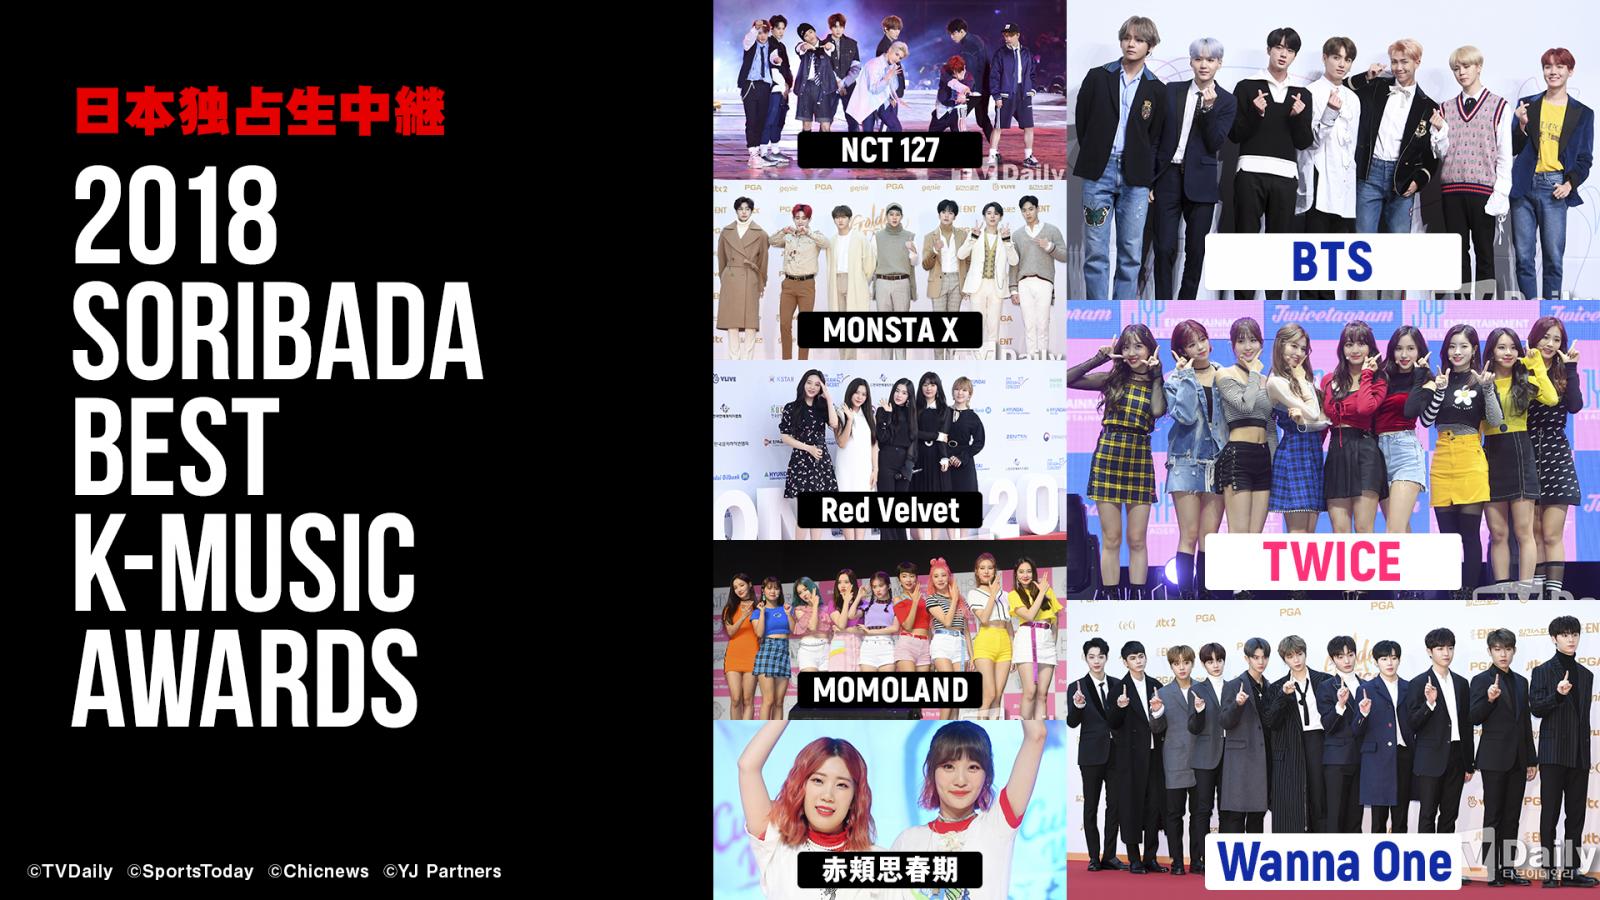 2018 SORIBADA BEST K-MUSIC AWARDS,BTS,Wanna One,TWICE